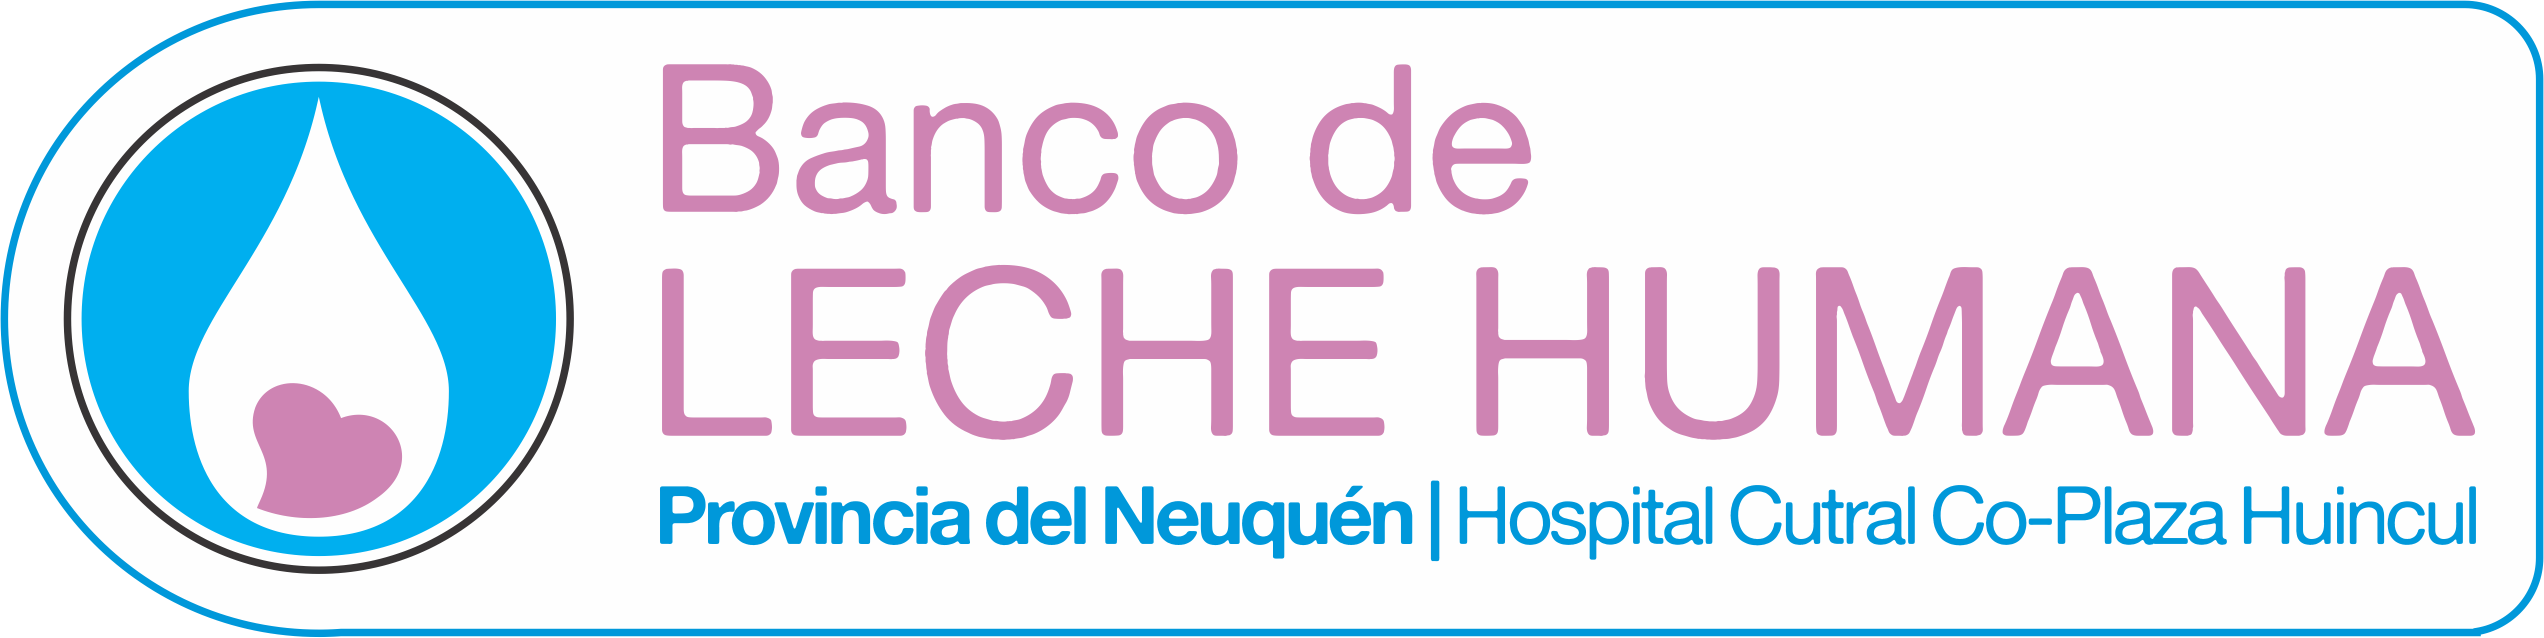 Banco de Leche Humana – Provincia del Neuquén | Hospital